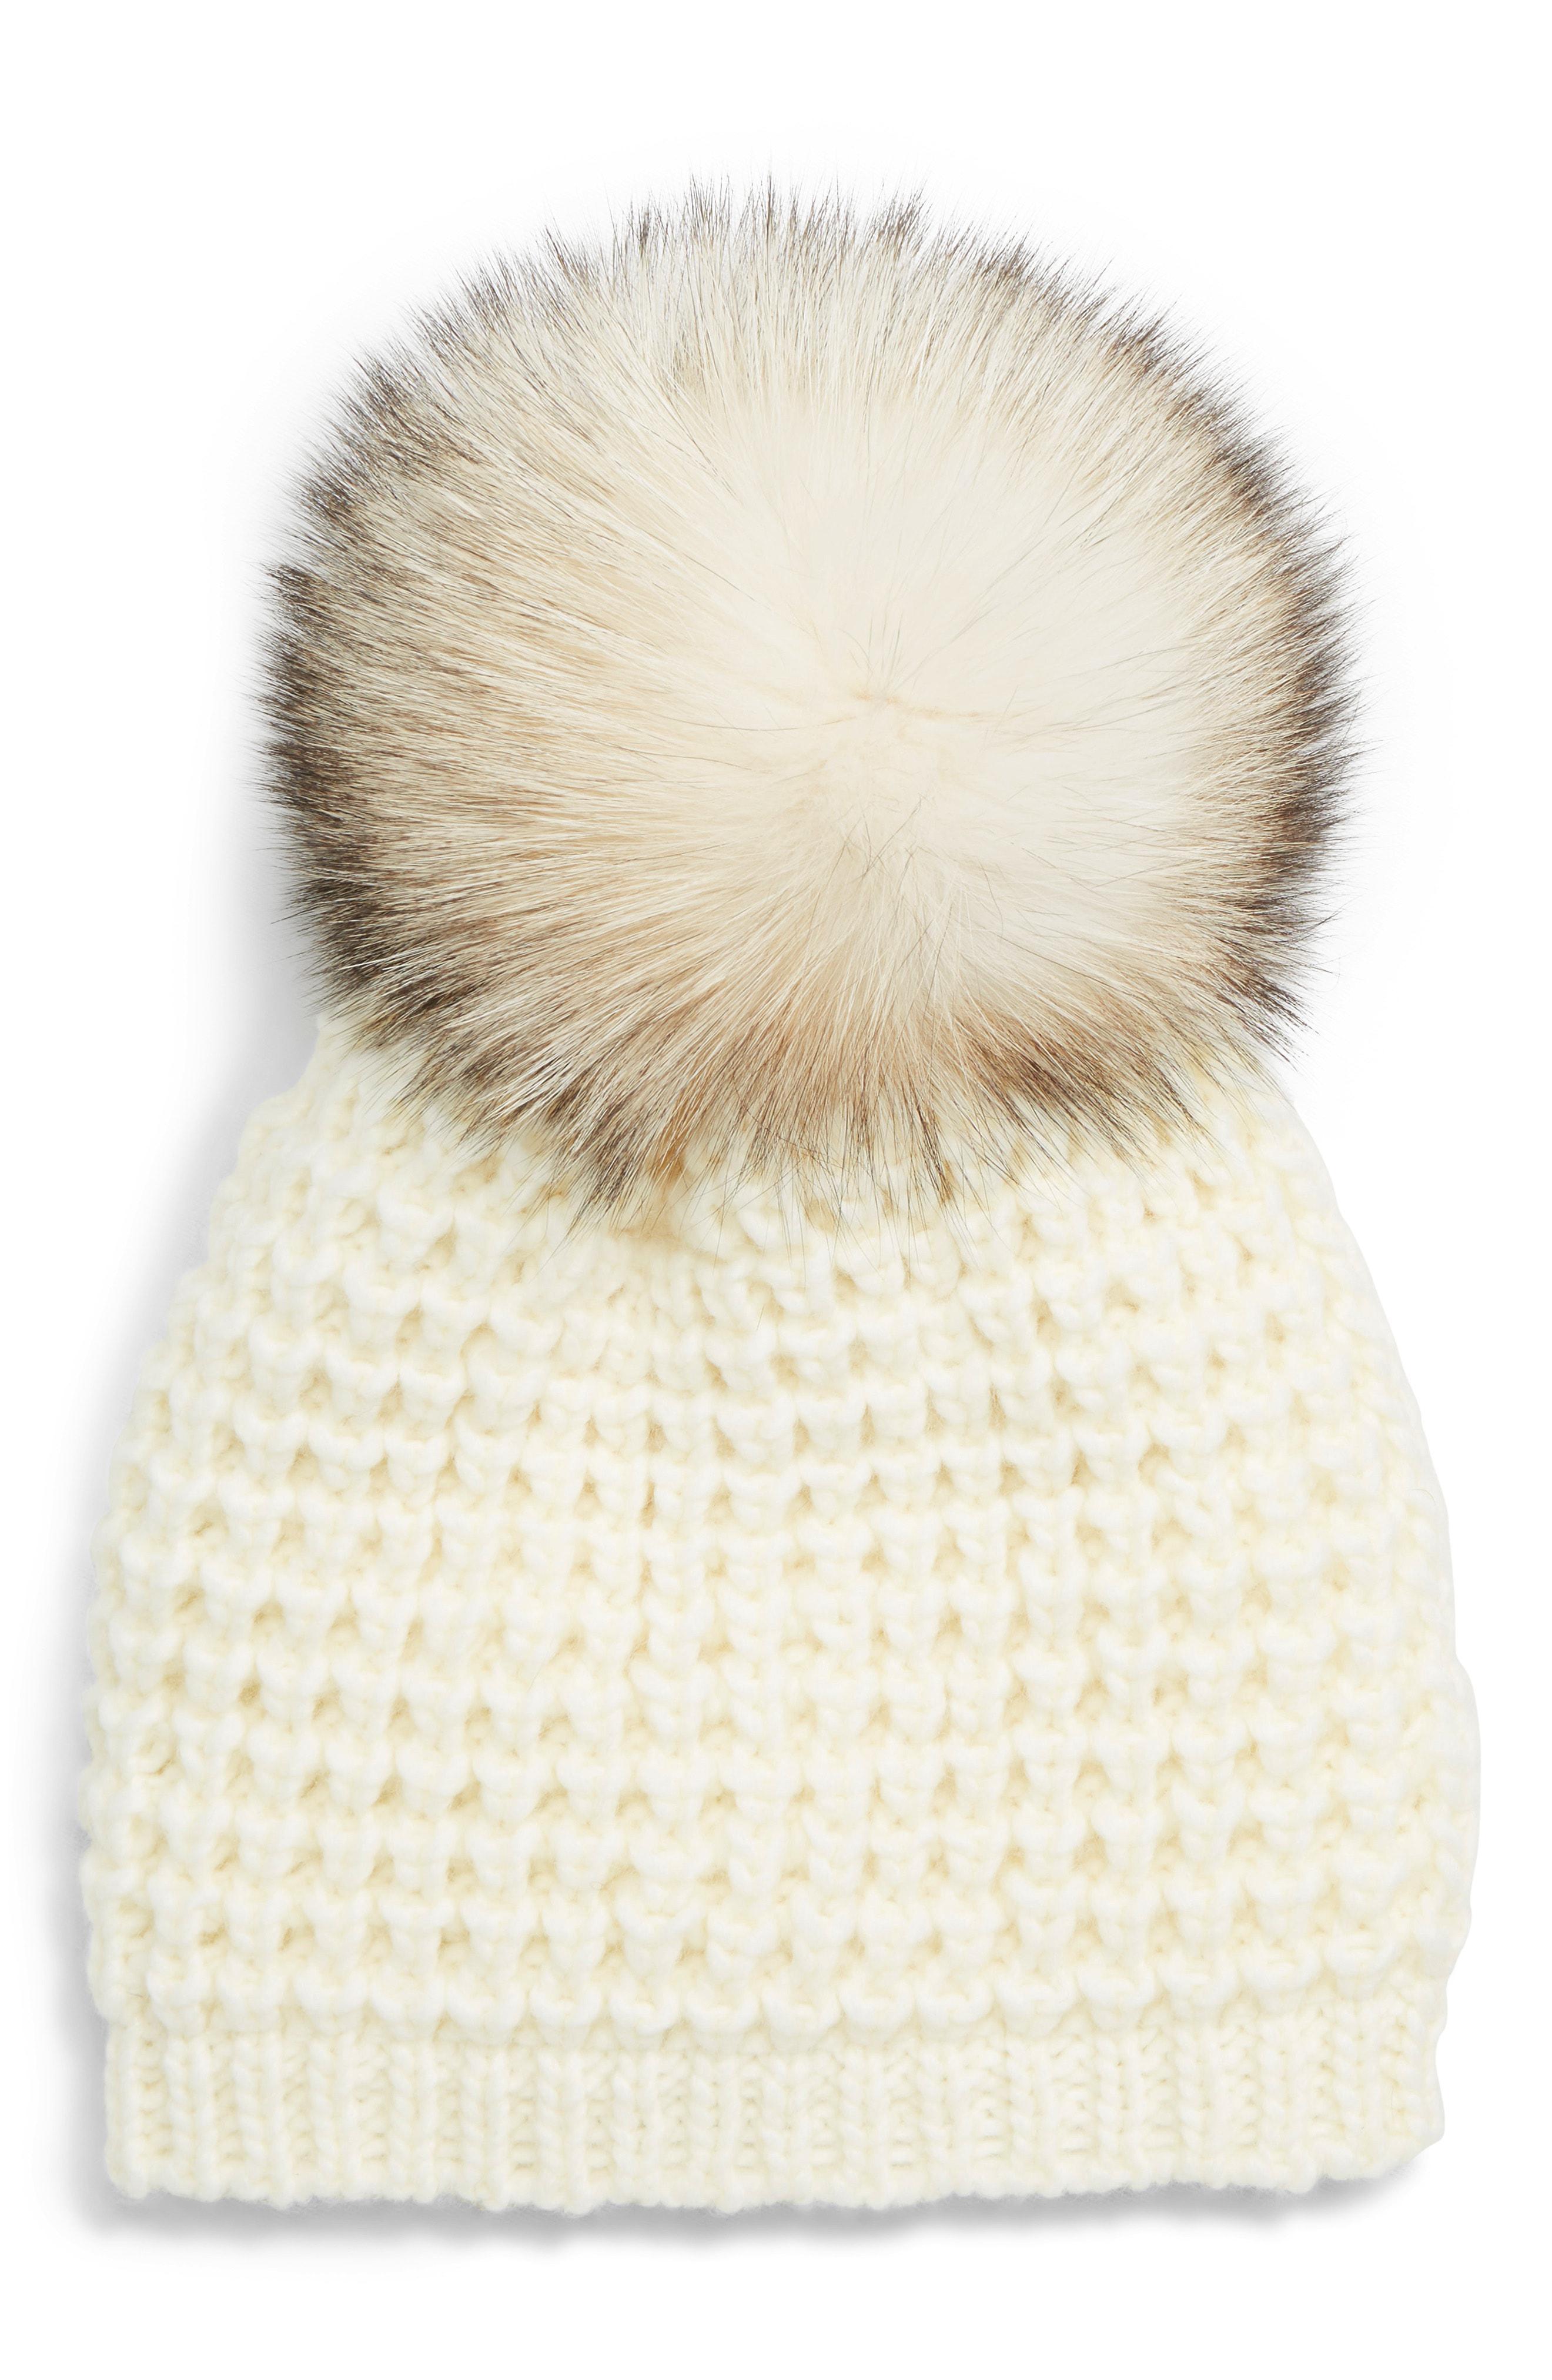 94e19b82048 Kyi Kyi. Women s Genuine Fox Pompom Hat